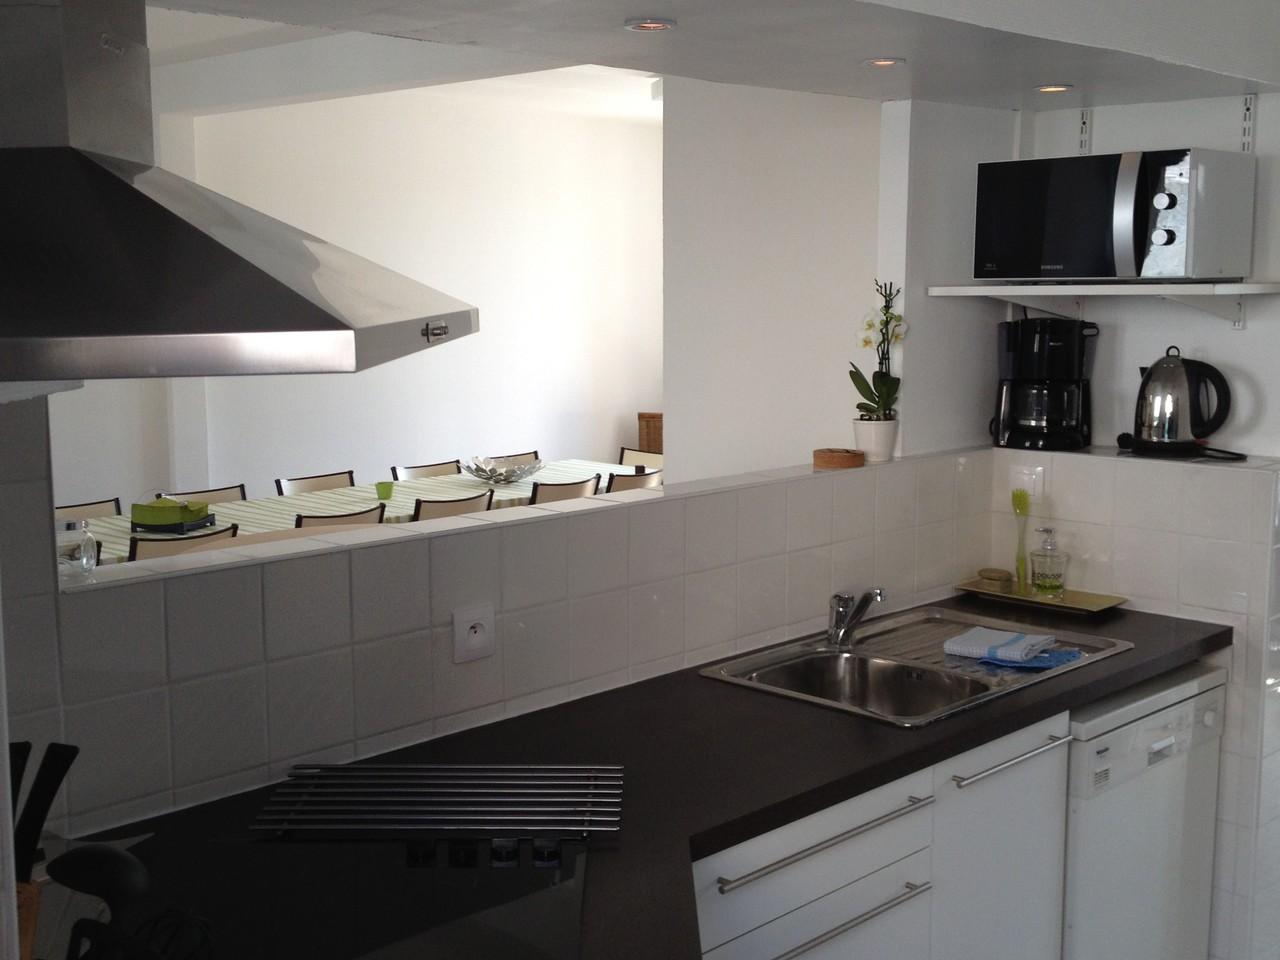 La cuisine aménagée et équipée avec micro onde, cafetière, plaques vitrocéramiques...